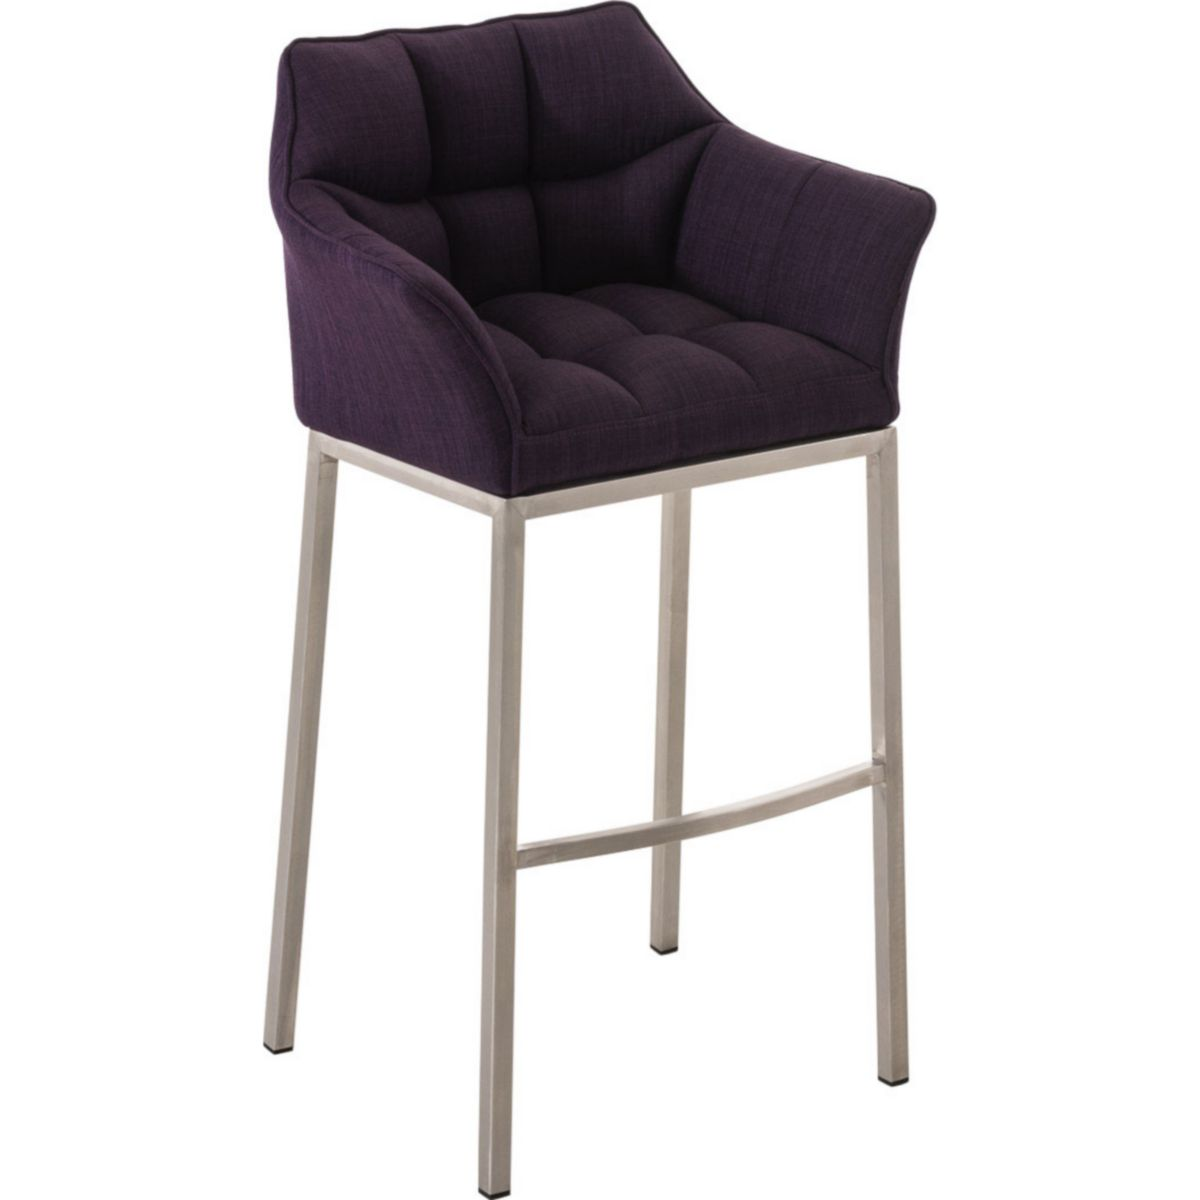 CLP Design Edelstahl Barhocker DAMASO, Stoff-Bezug, Sitzhöhe 83 cm, gut gepolstert, 4 Beine, mit Lehne, Fußstütze jetztbilligerkaufen